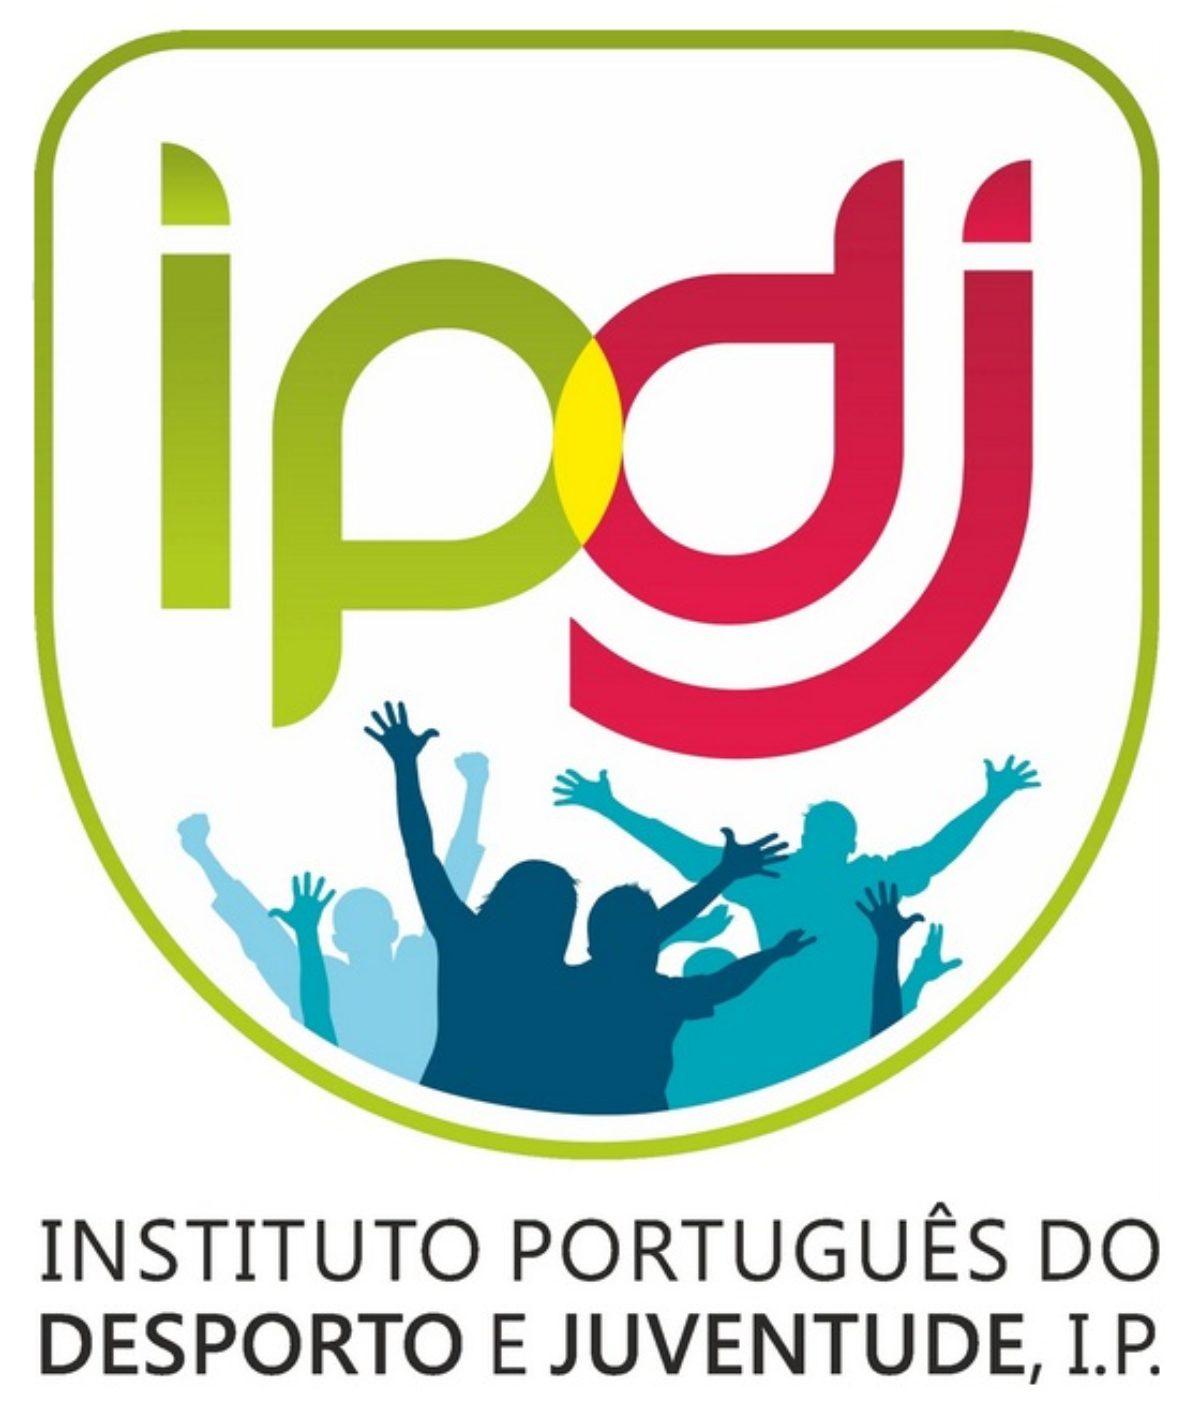 IPDJ abre candidaturas para apoios anuais e pontuais às associações juvenis